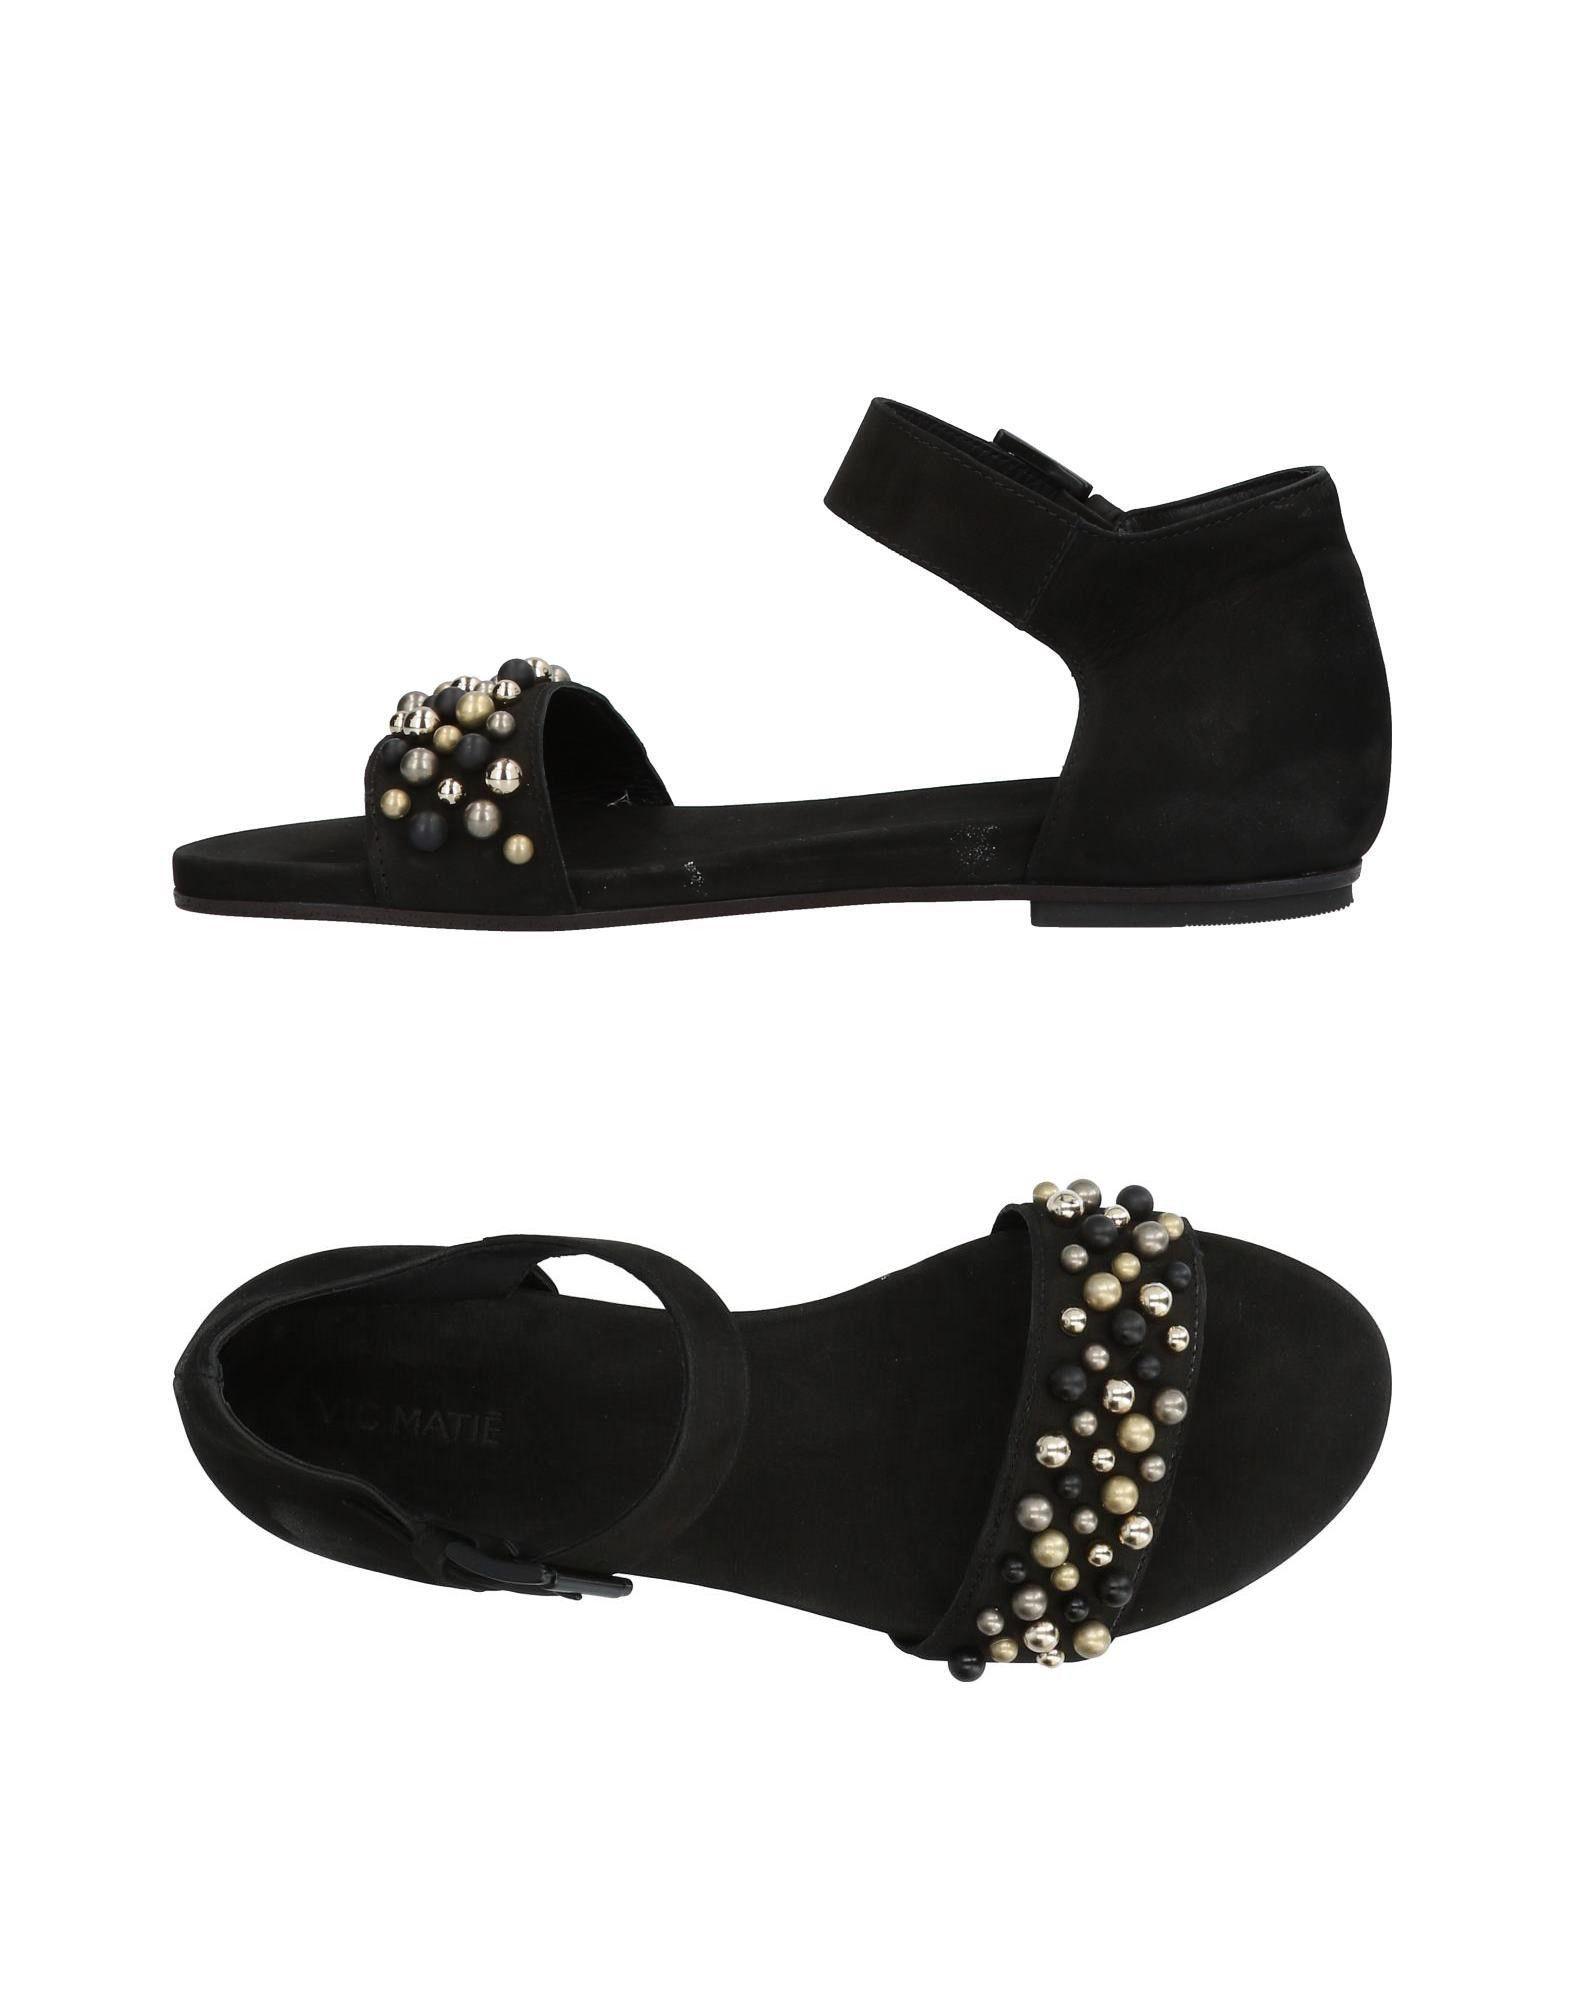 ab0003258c7 VIC MATIE .  vicmatie  shoes